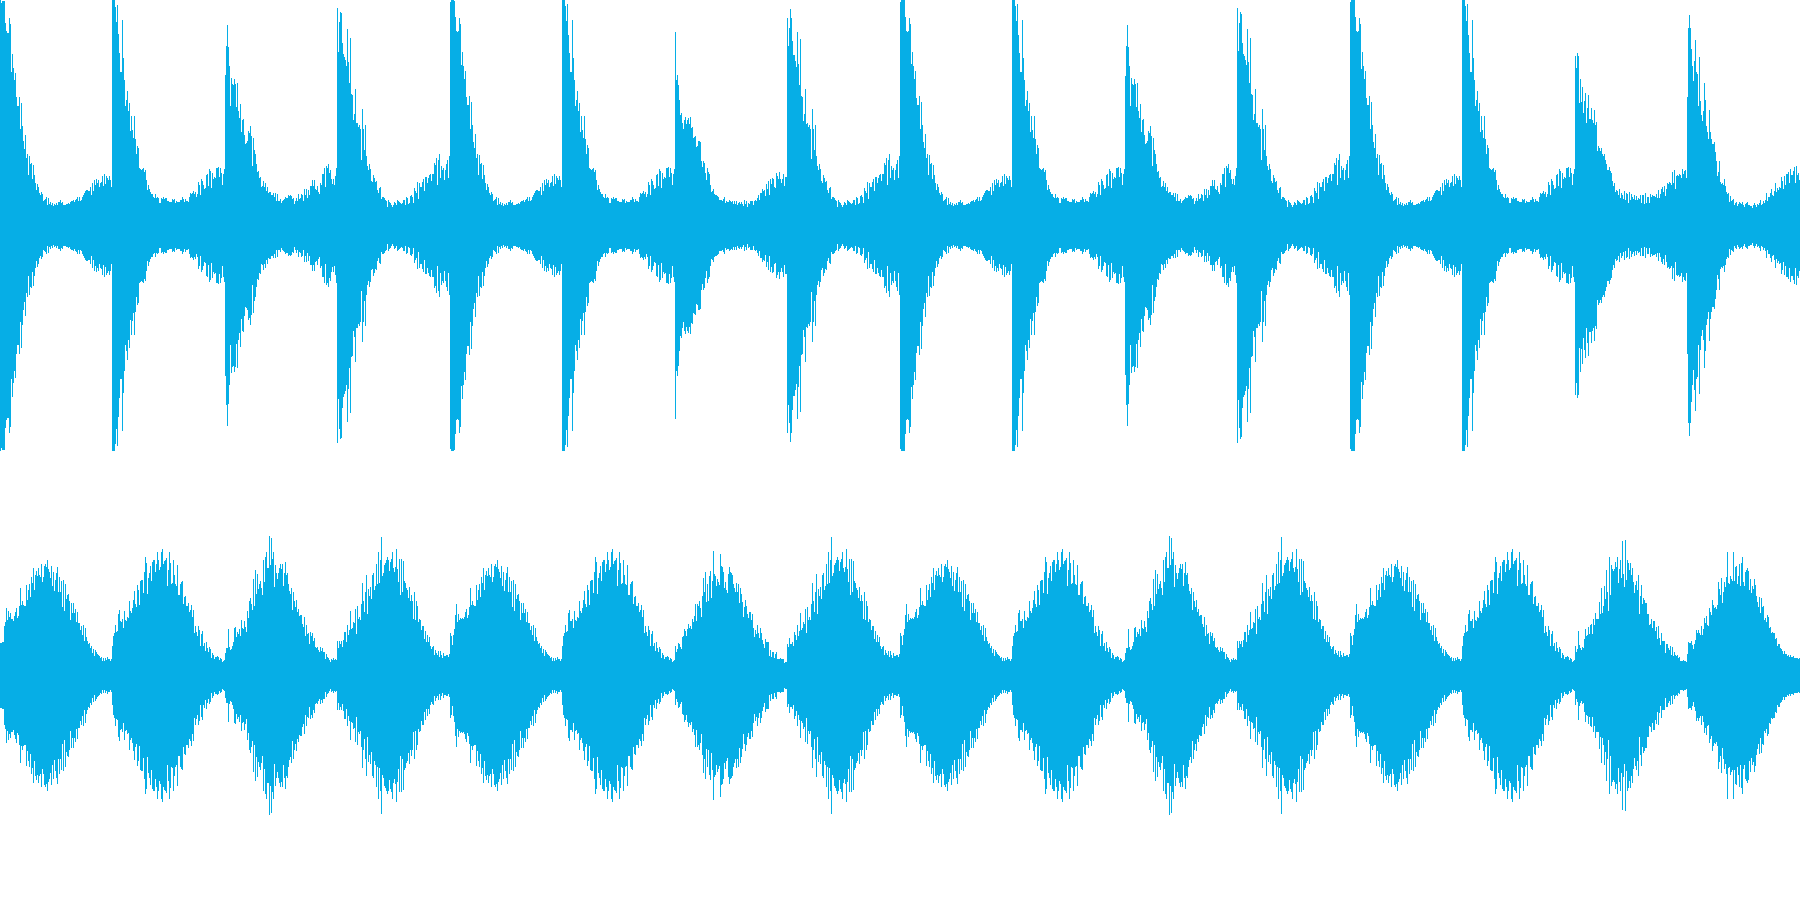 【エレピ】悲しげ ピアノの再生済みの波形